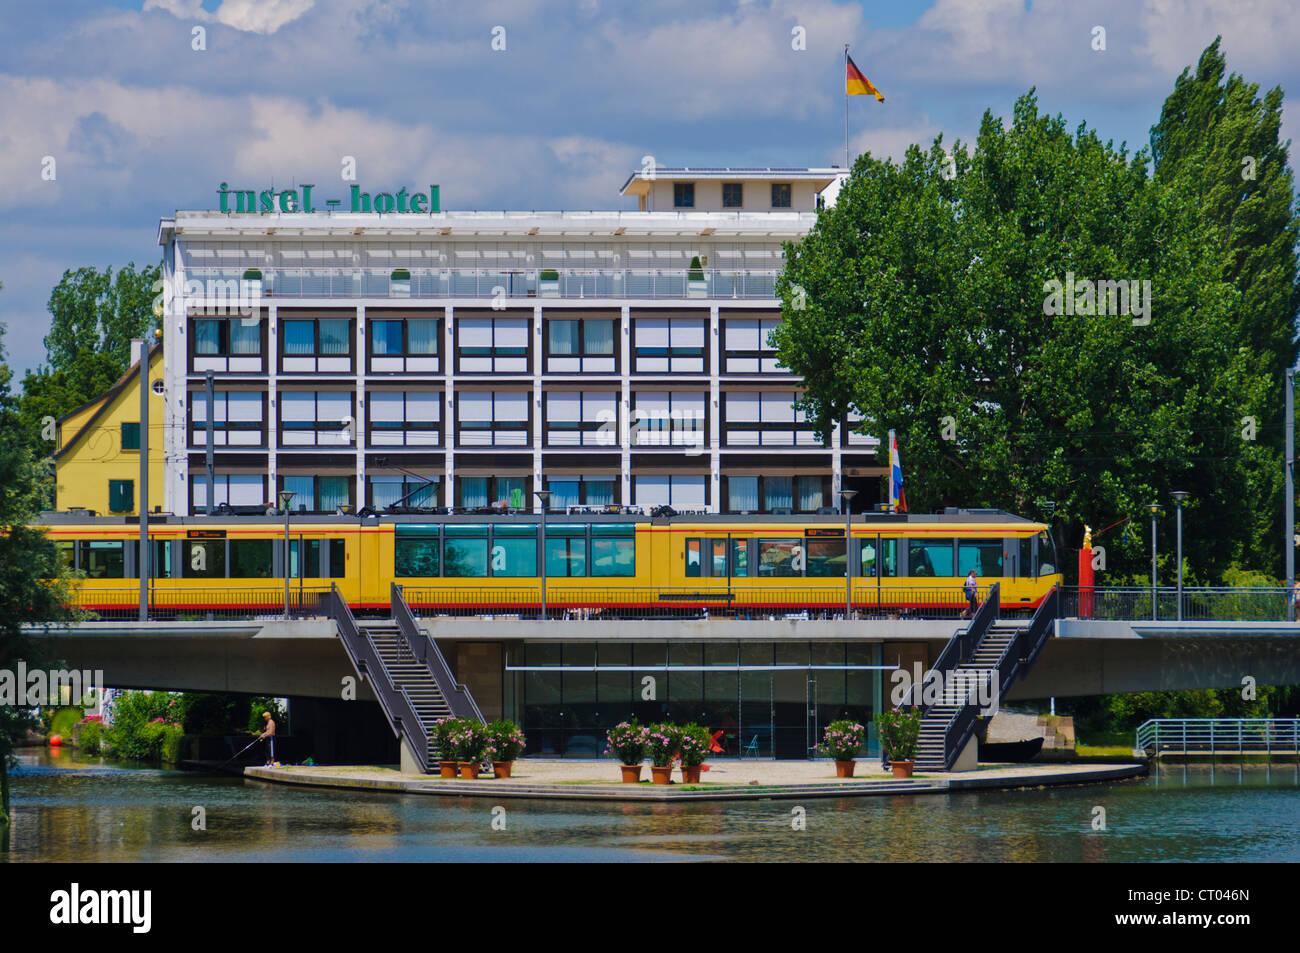 """Insel-Hotel, Galerie """"Manfred Rieker"""", Fluss Neckar, Friedrich-Ebert-Brücke, s-Bahn """"Stadtbahn"""" Stockbild"""